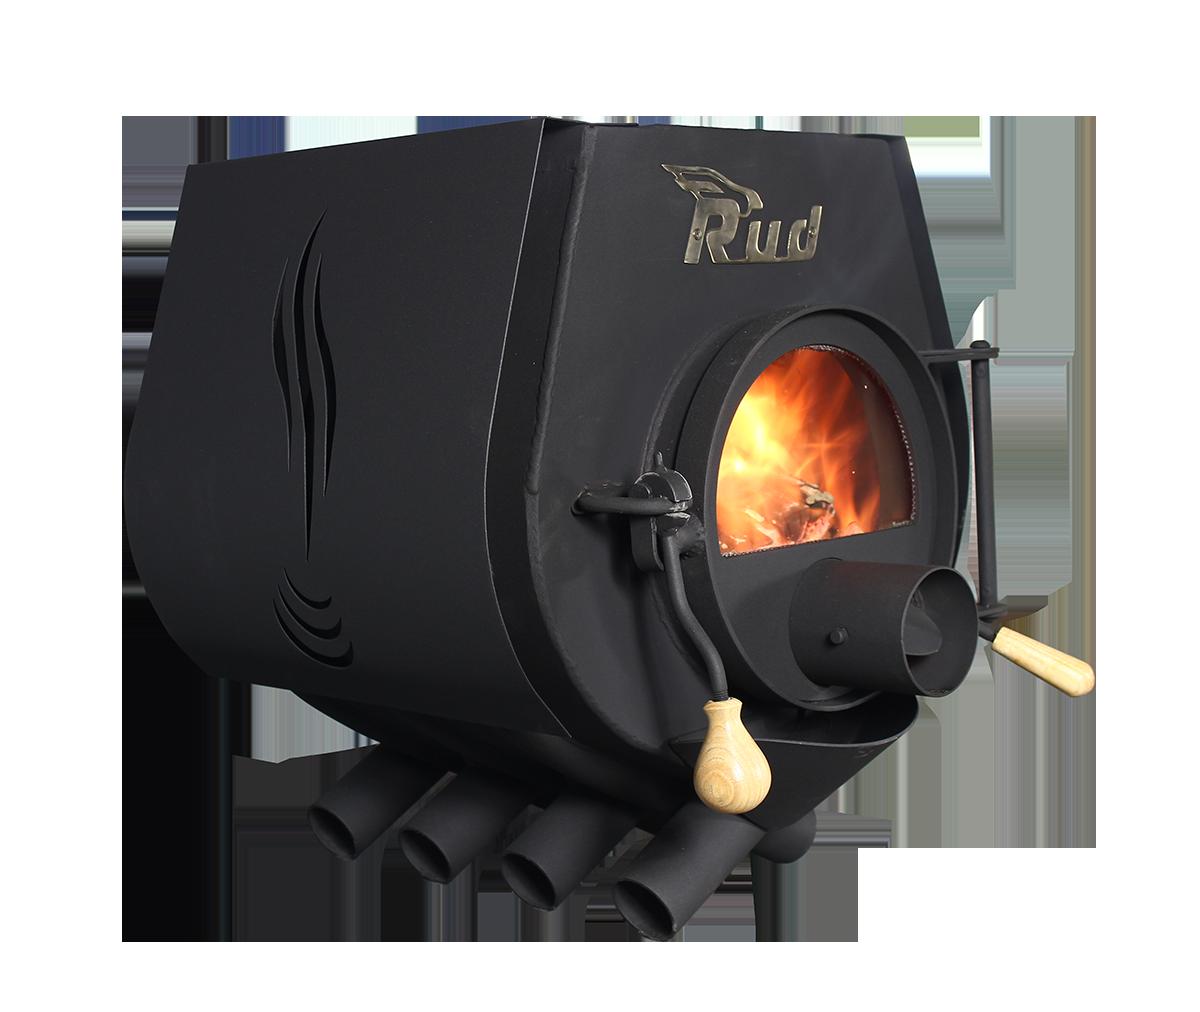 Булерьян, отопительная печь Rud Pyrotron Кантри 02 с варочной поверхностью Стекло в дверце печи